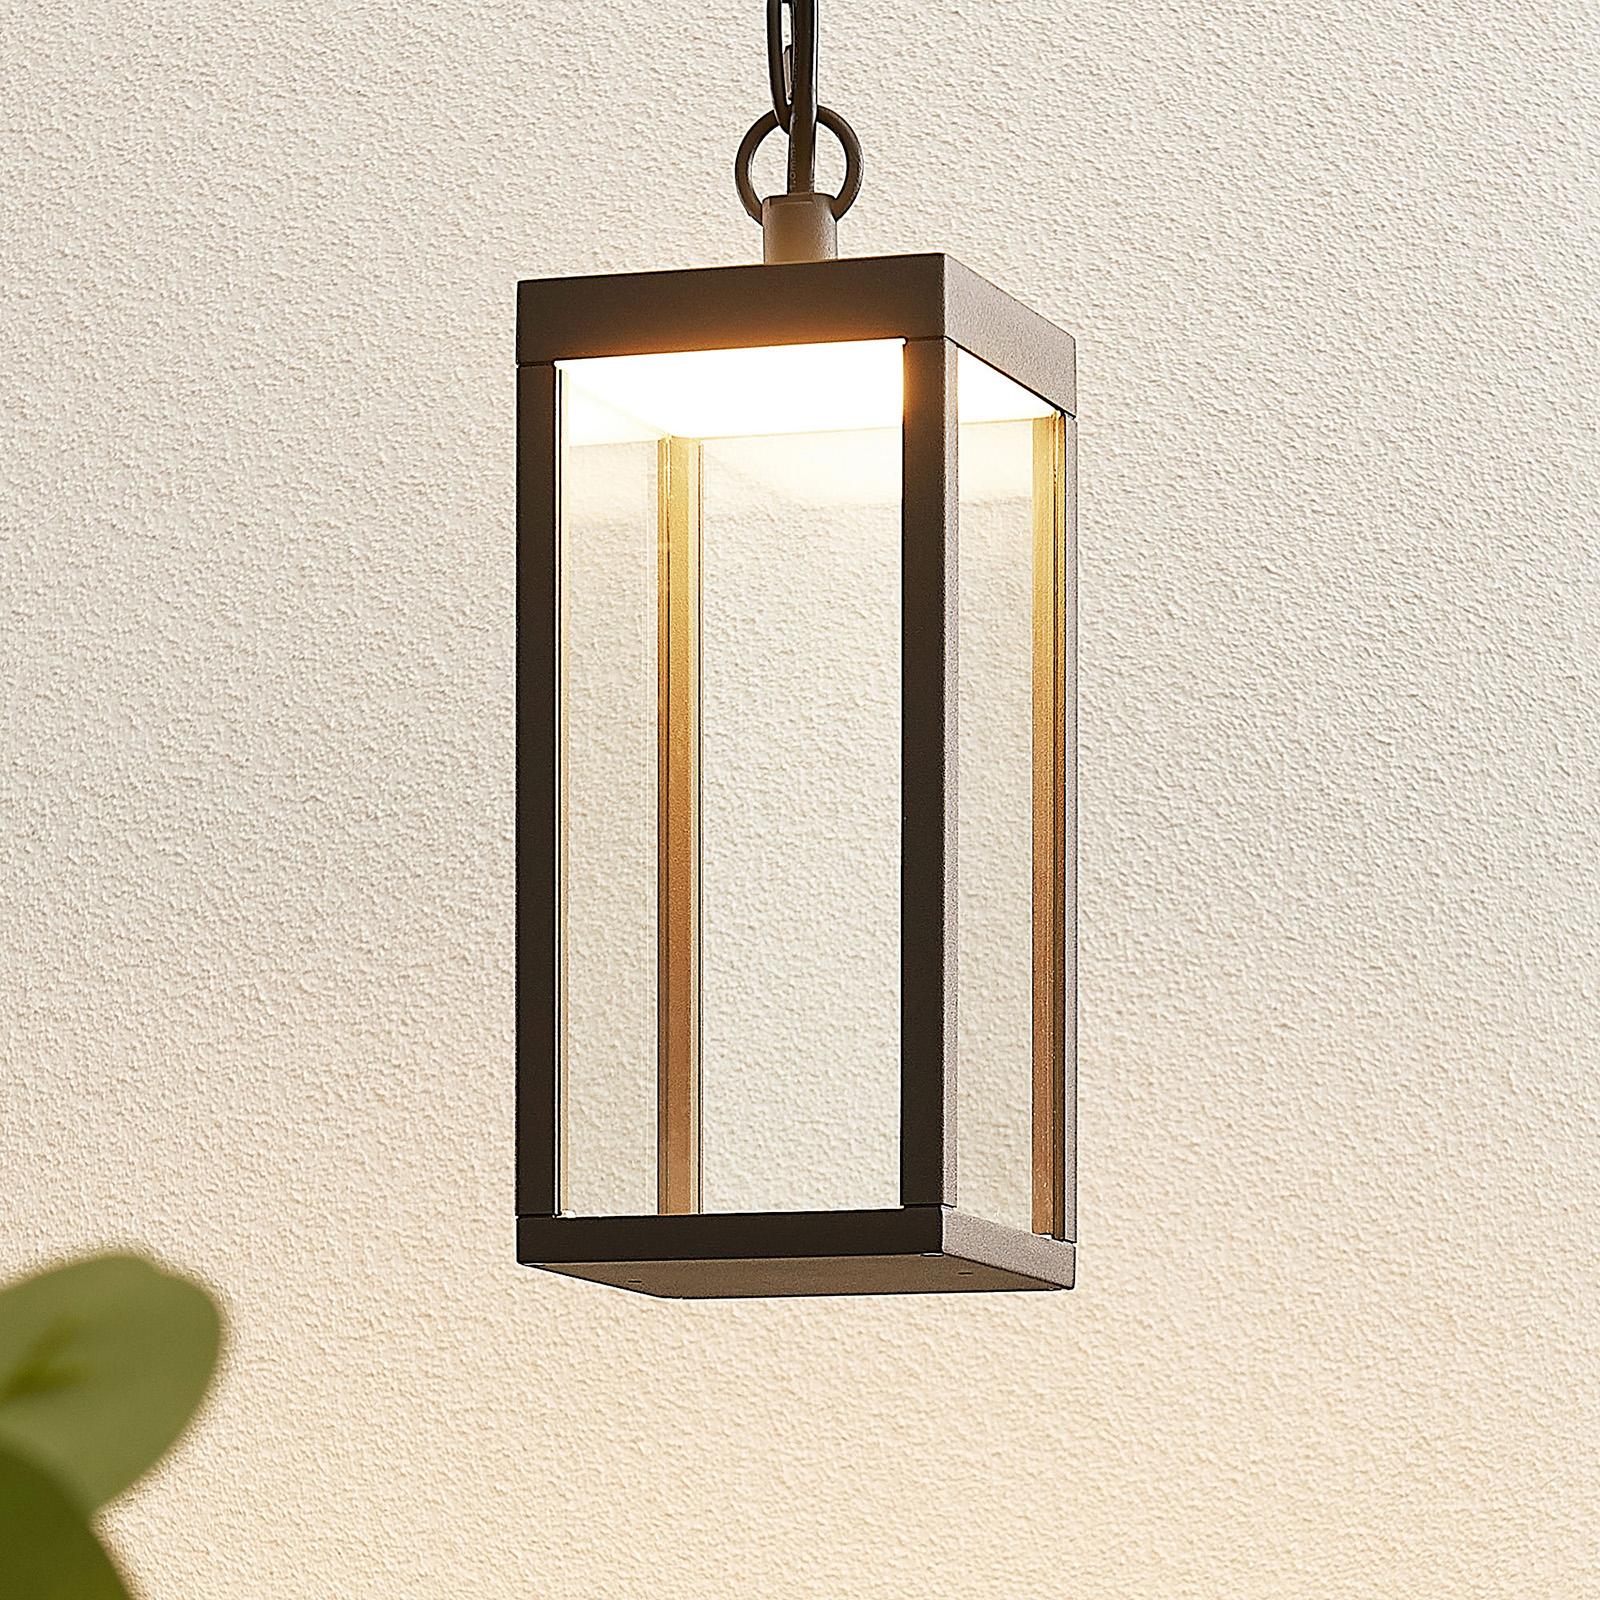 LED-ulkoseinävalaisin Cube lasivarjostimella 26 cm